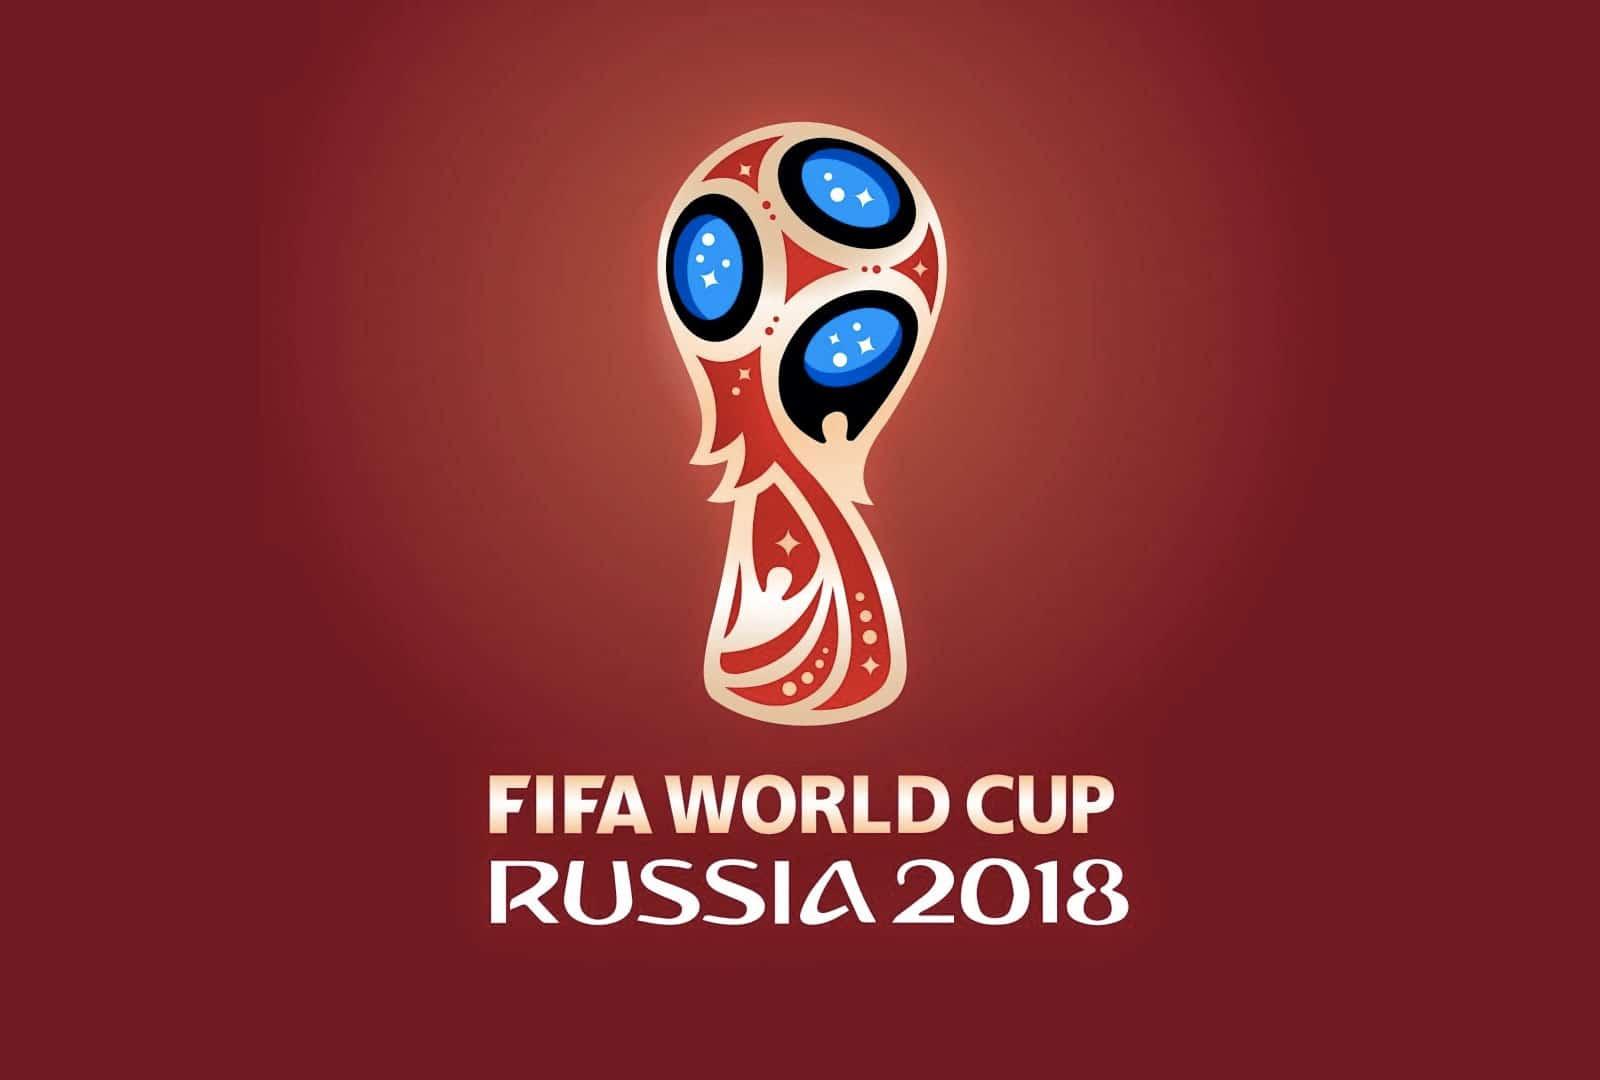 Làm sao sống sót qua mùa World Cup